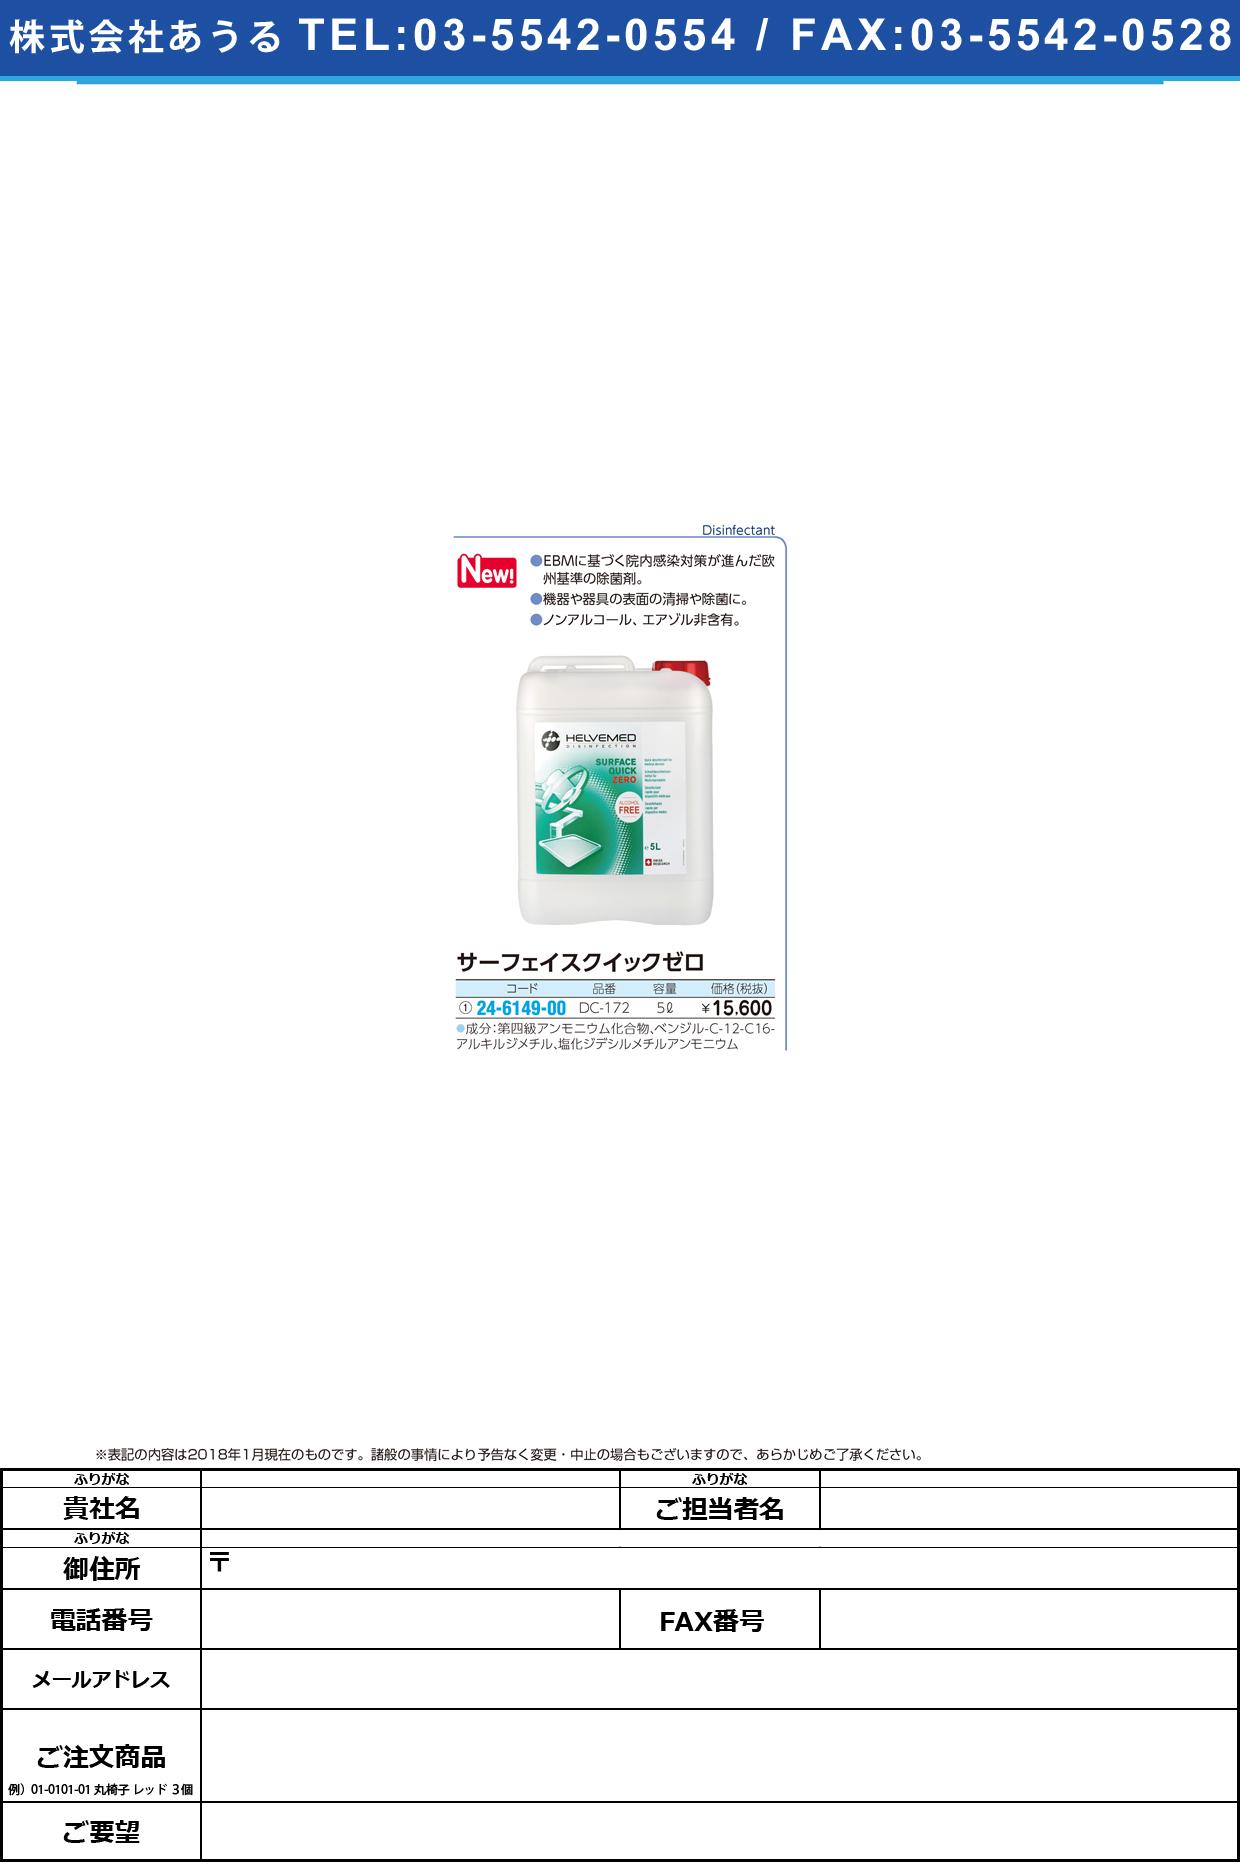 (24-6149-00)サーフェイスクイックゼロ DC-172(5L) サーフェイスクイックゼロ【1本単位】【2018年カタログ商品】